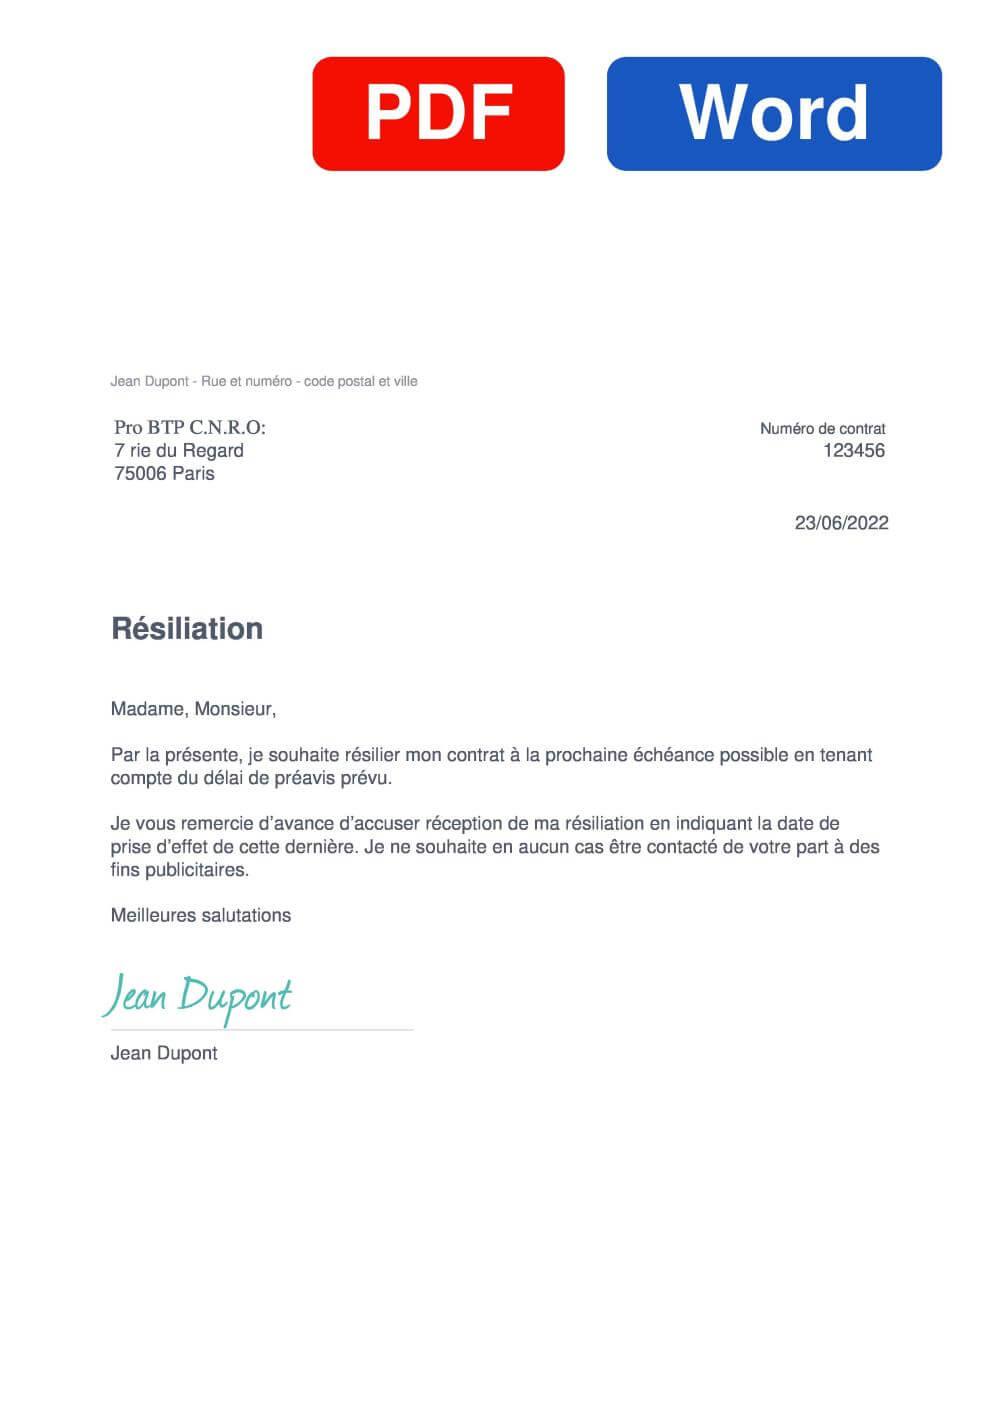 Pro BTP Santé Assurance Modèle de lettre de résiliation